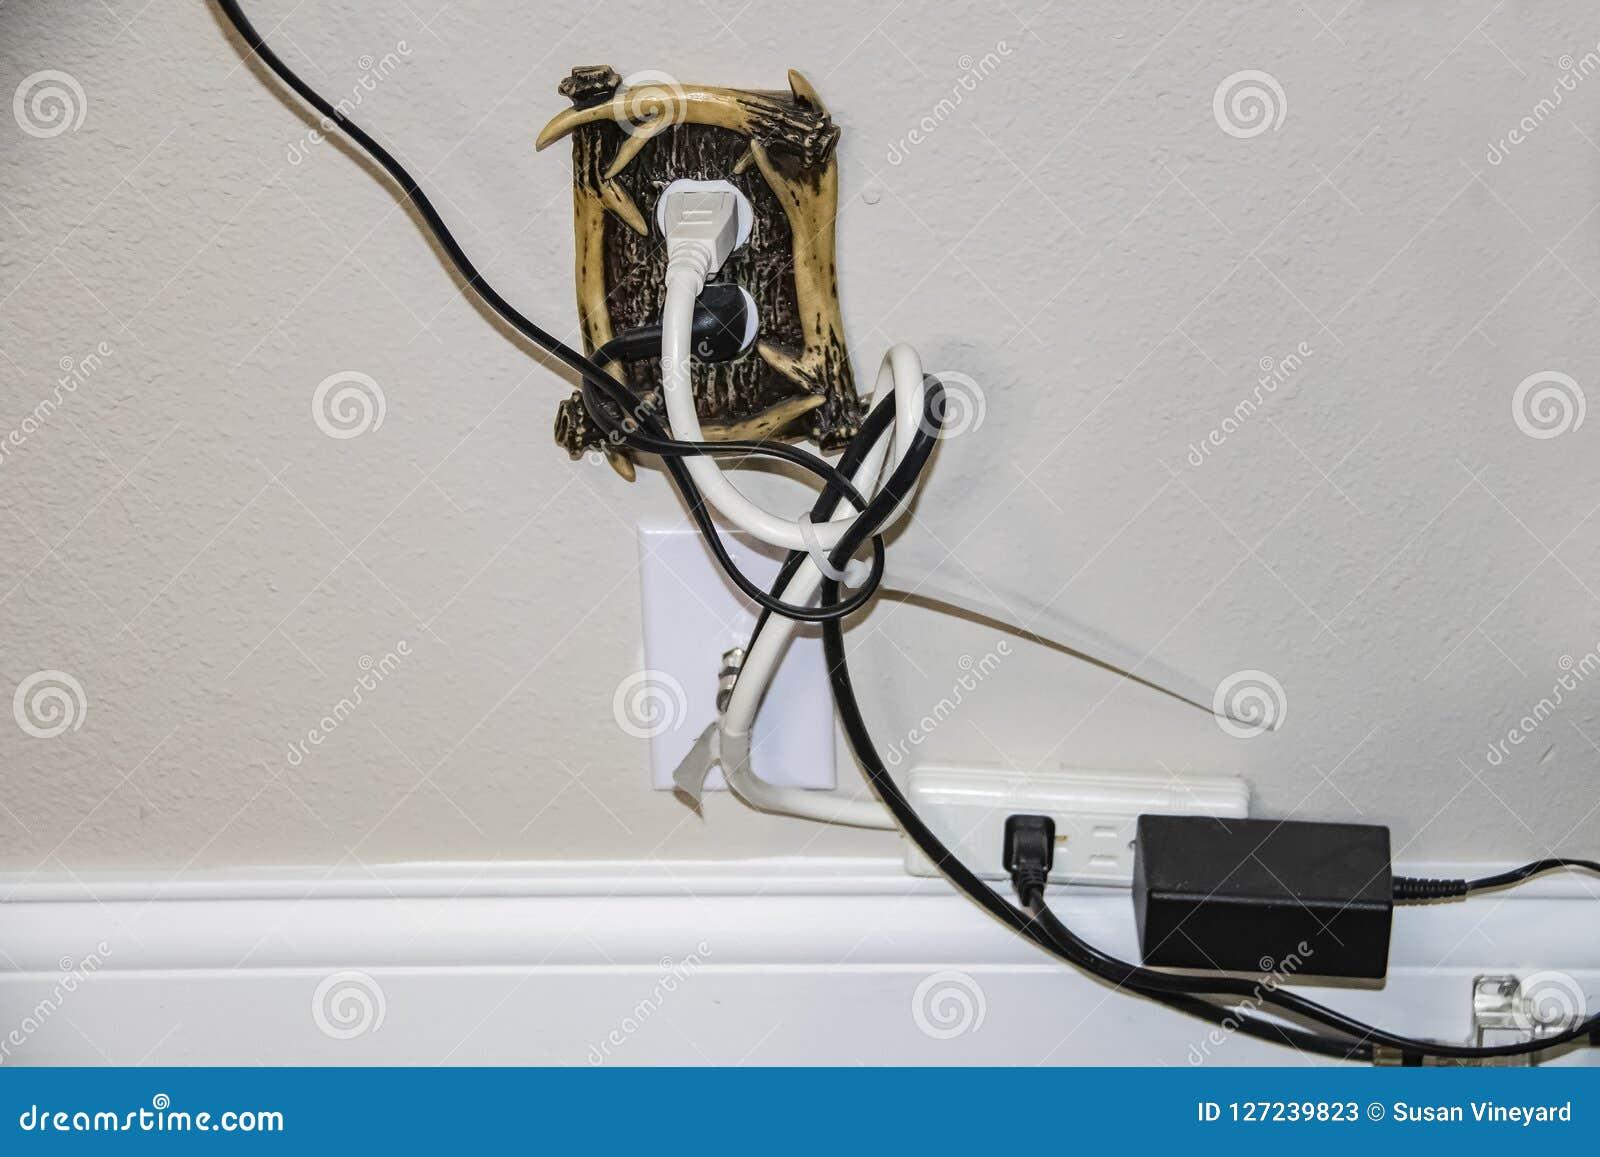 Unordentliche elektrische Schnüre - zu viele verstopfte in eine dekorative Steckdose plus Kabel - alle in einer Verwicklung